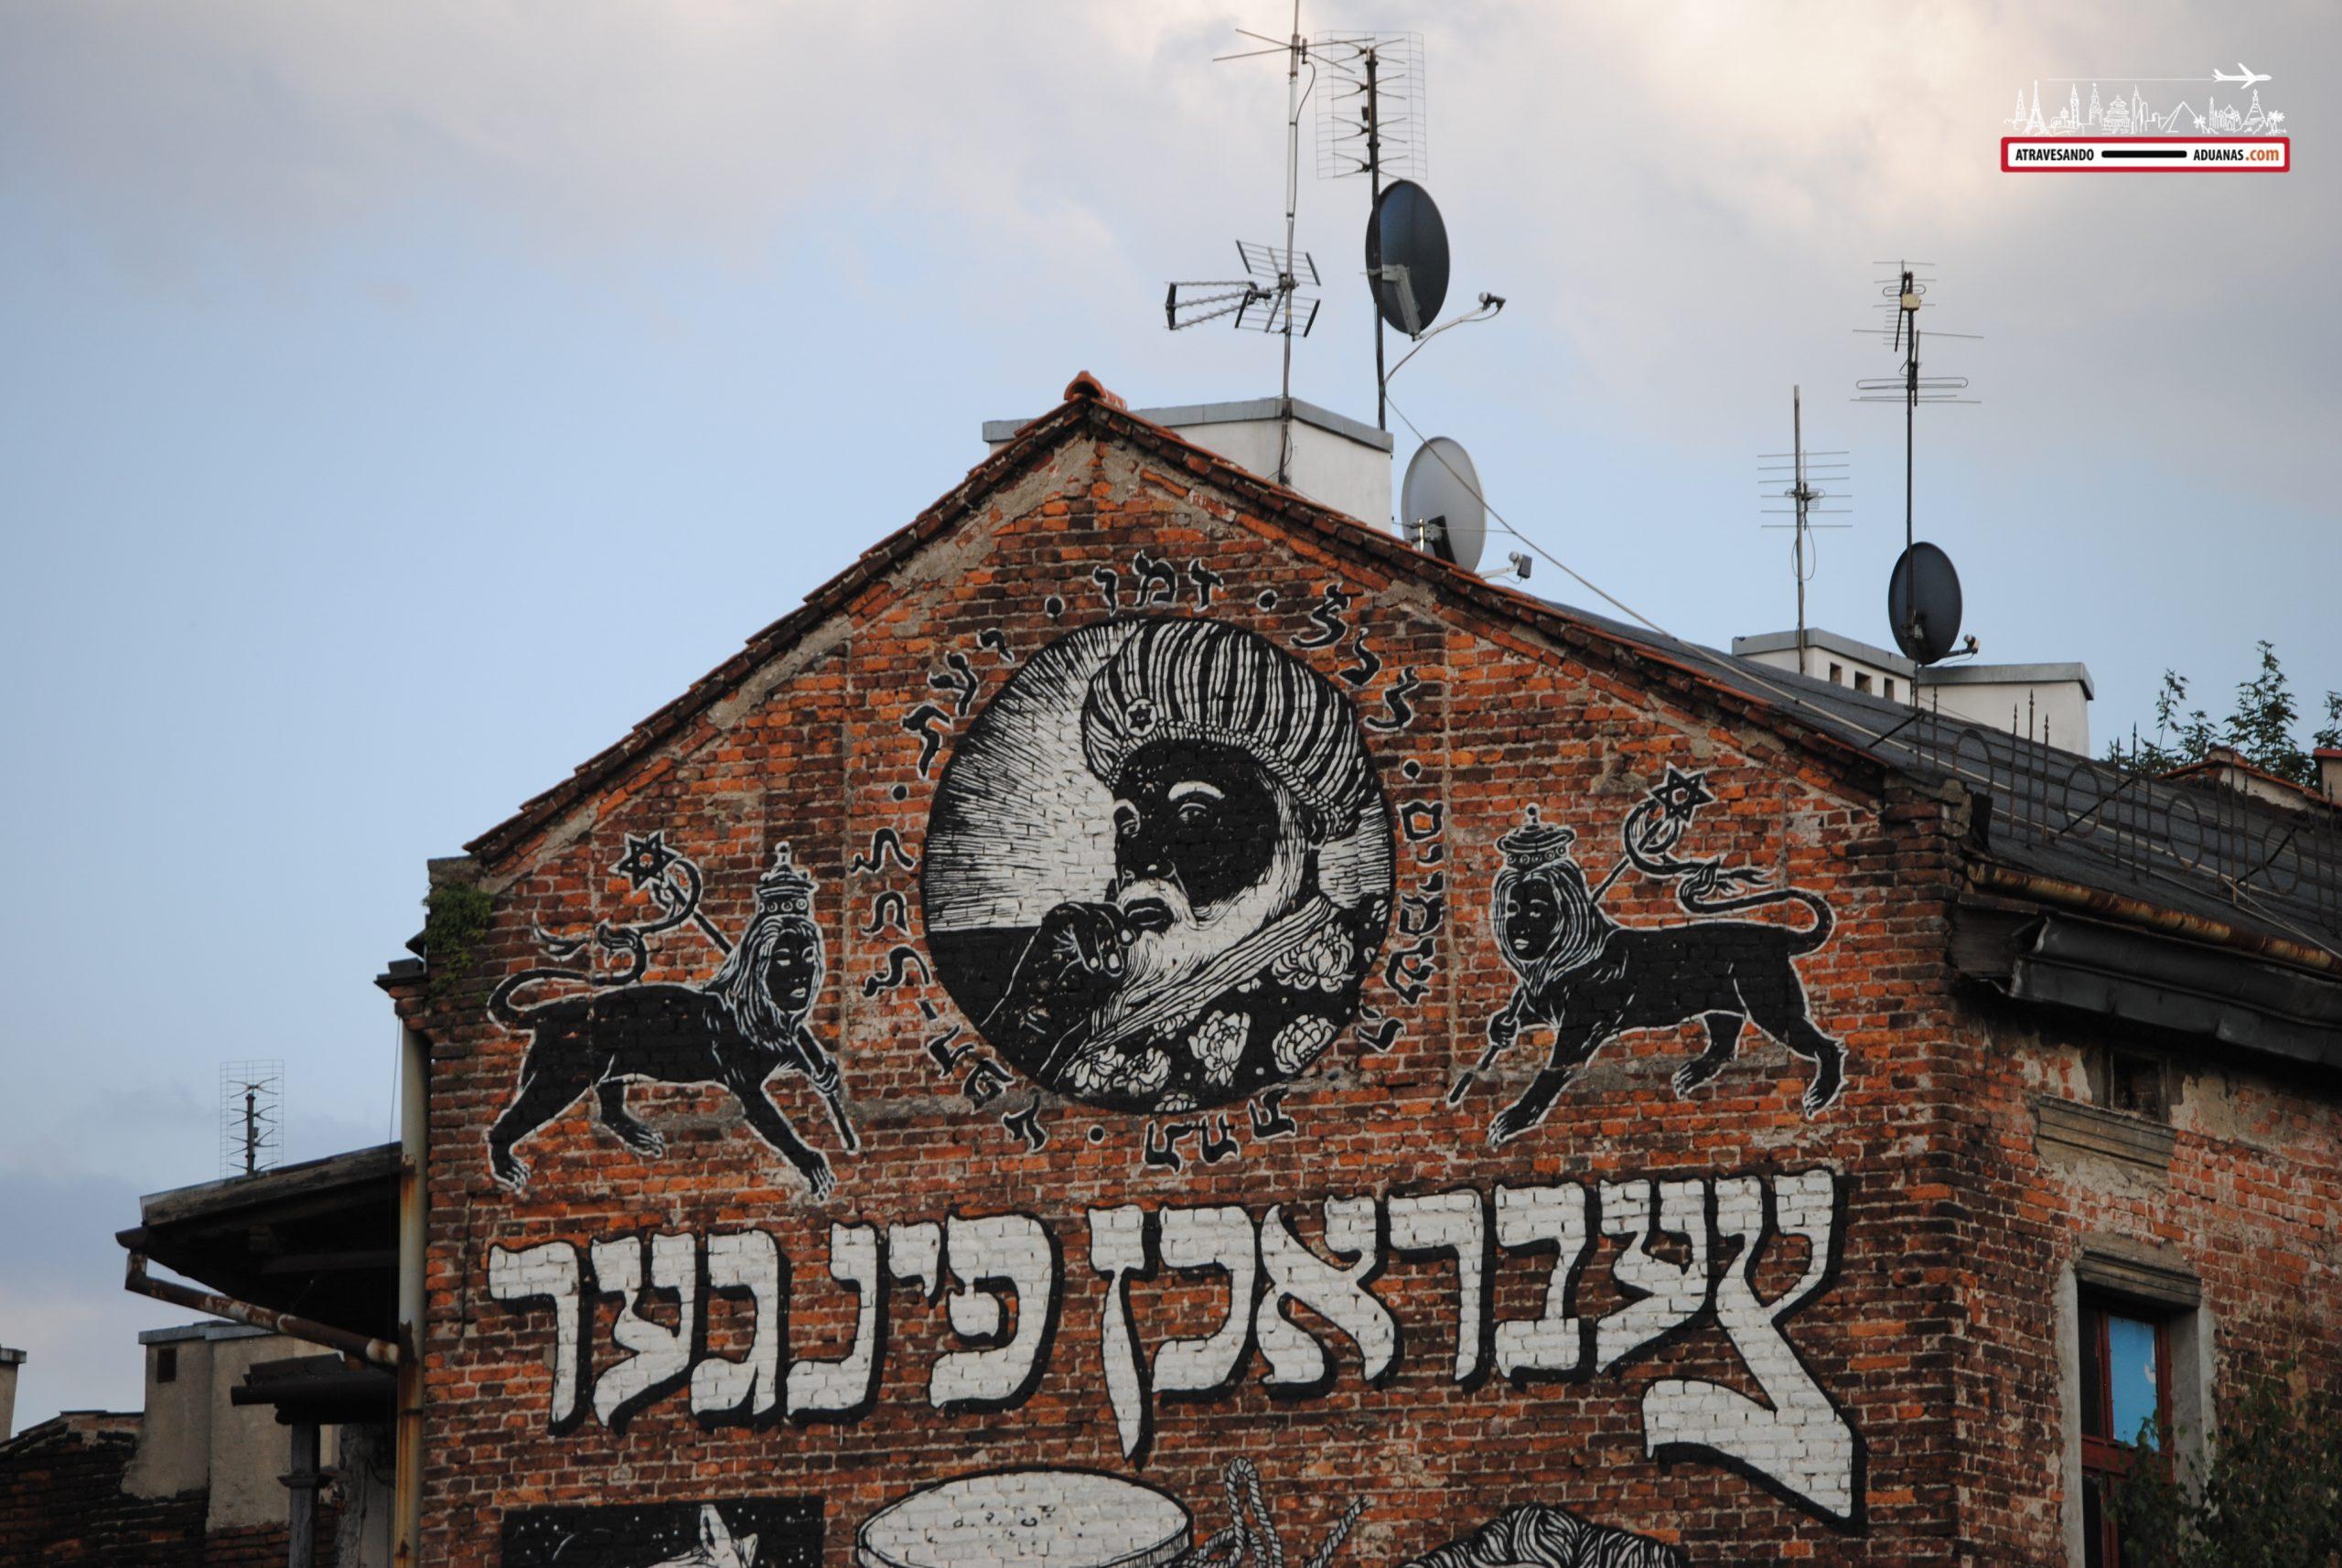 Mural en hebreo en Kazimierz